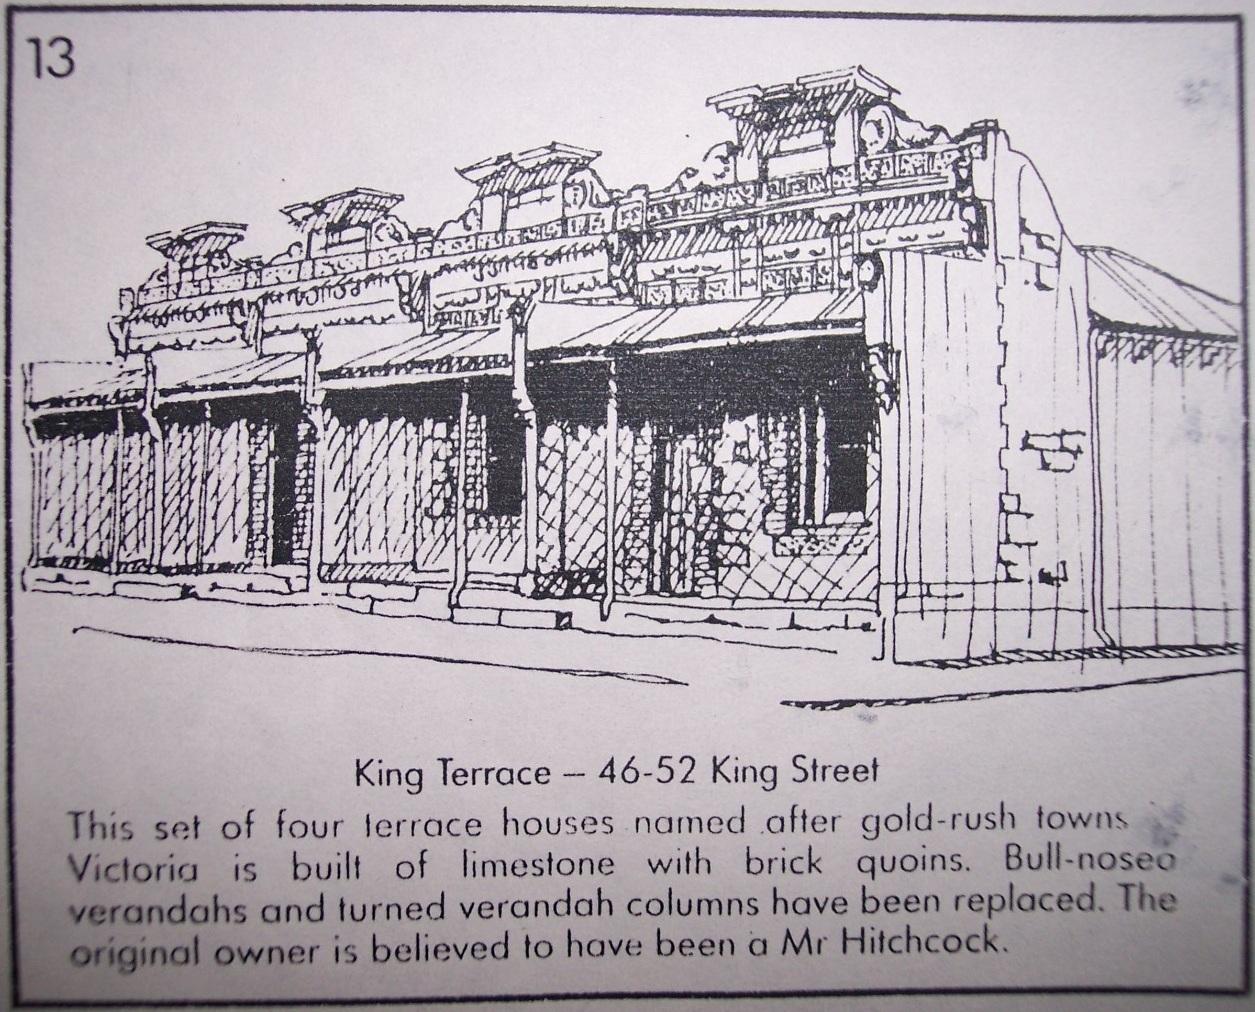 46-52 King Street